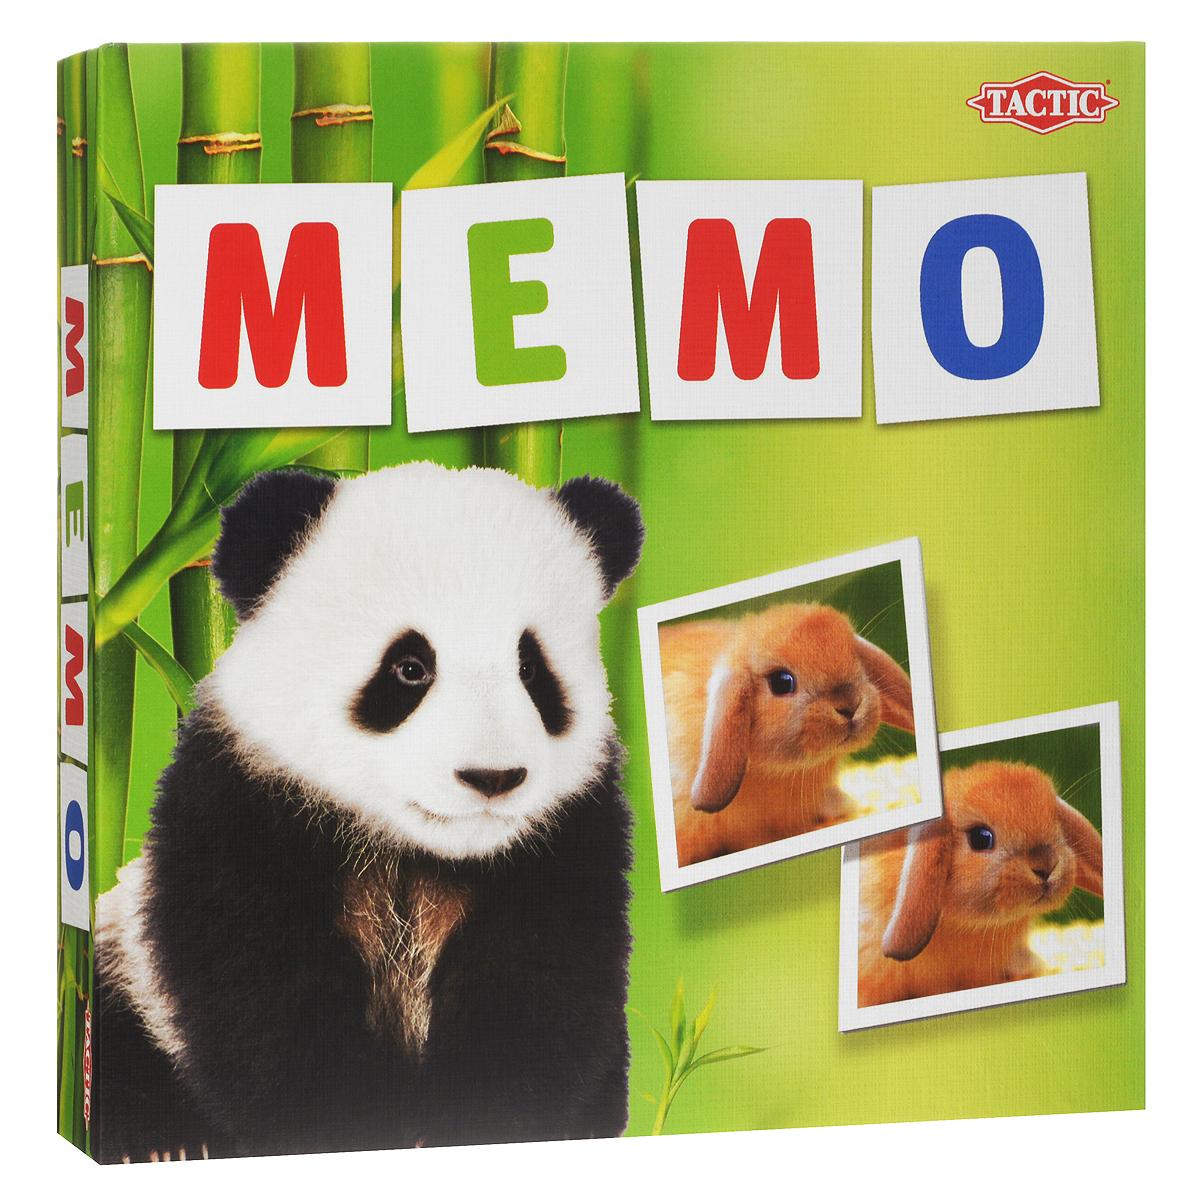 Tactic Games Мемо Зверята tactic games настольная игра нарисуй и угадай вечеринка tactic games